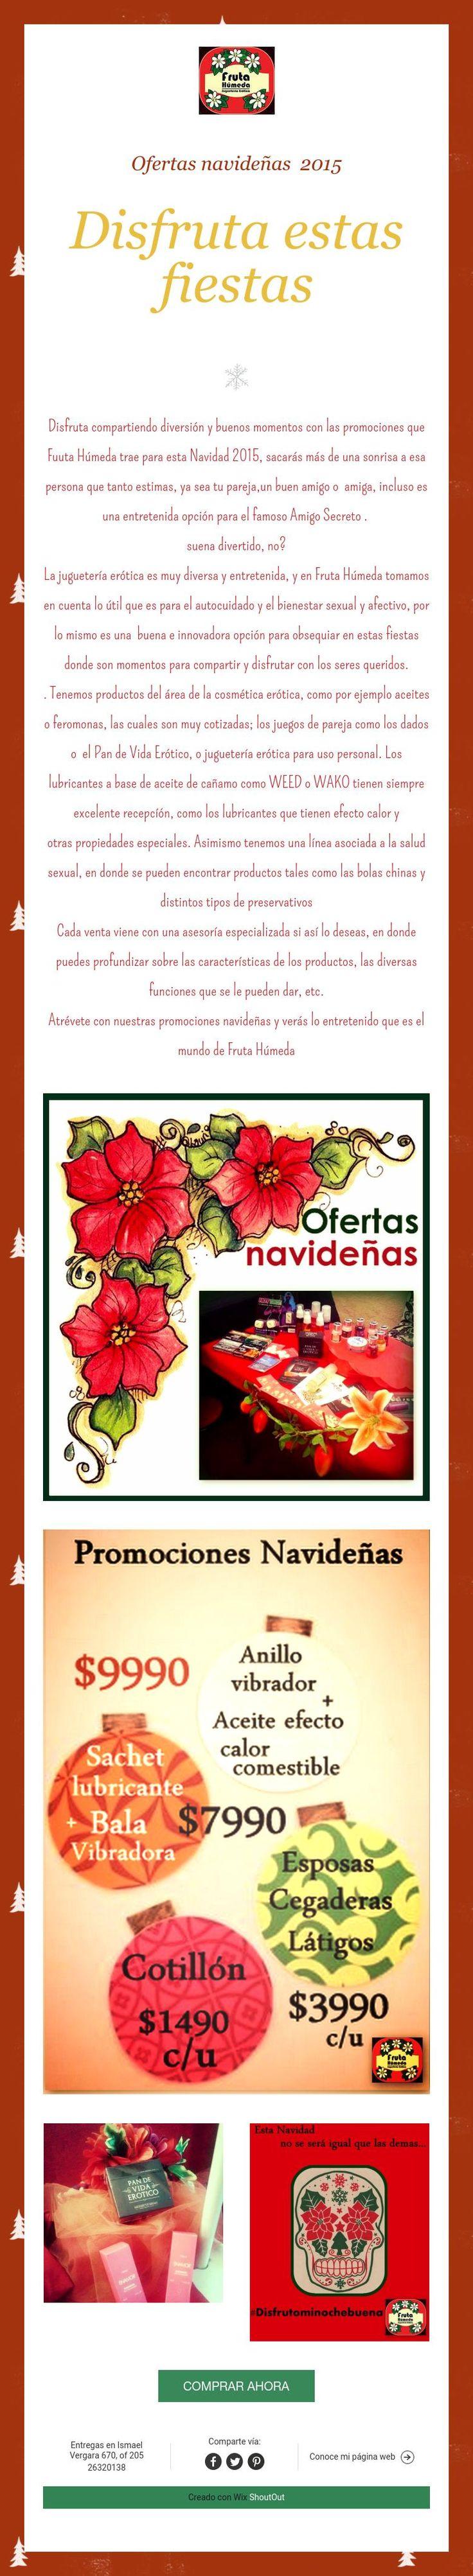 Ofertas navideñas 2015    Disfruta estas fiestas